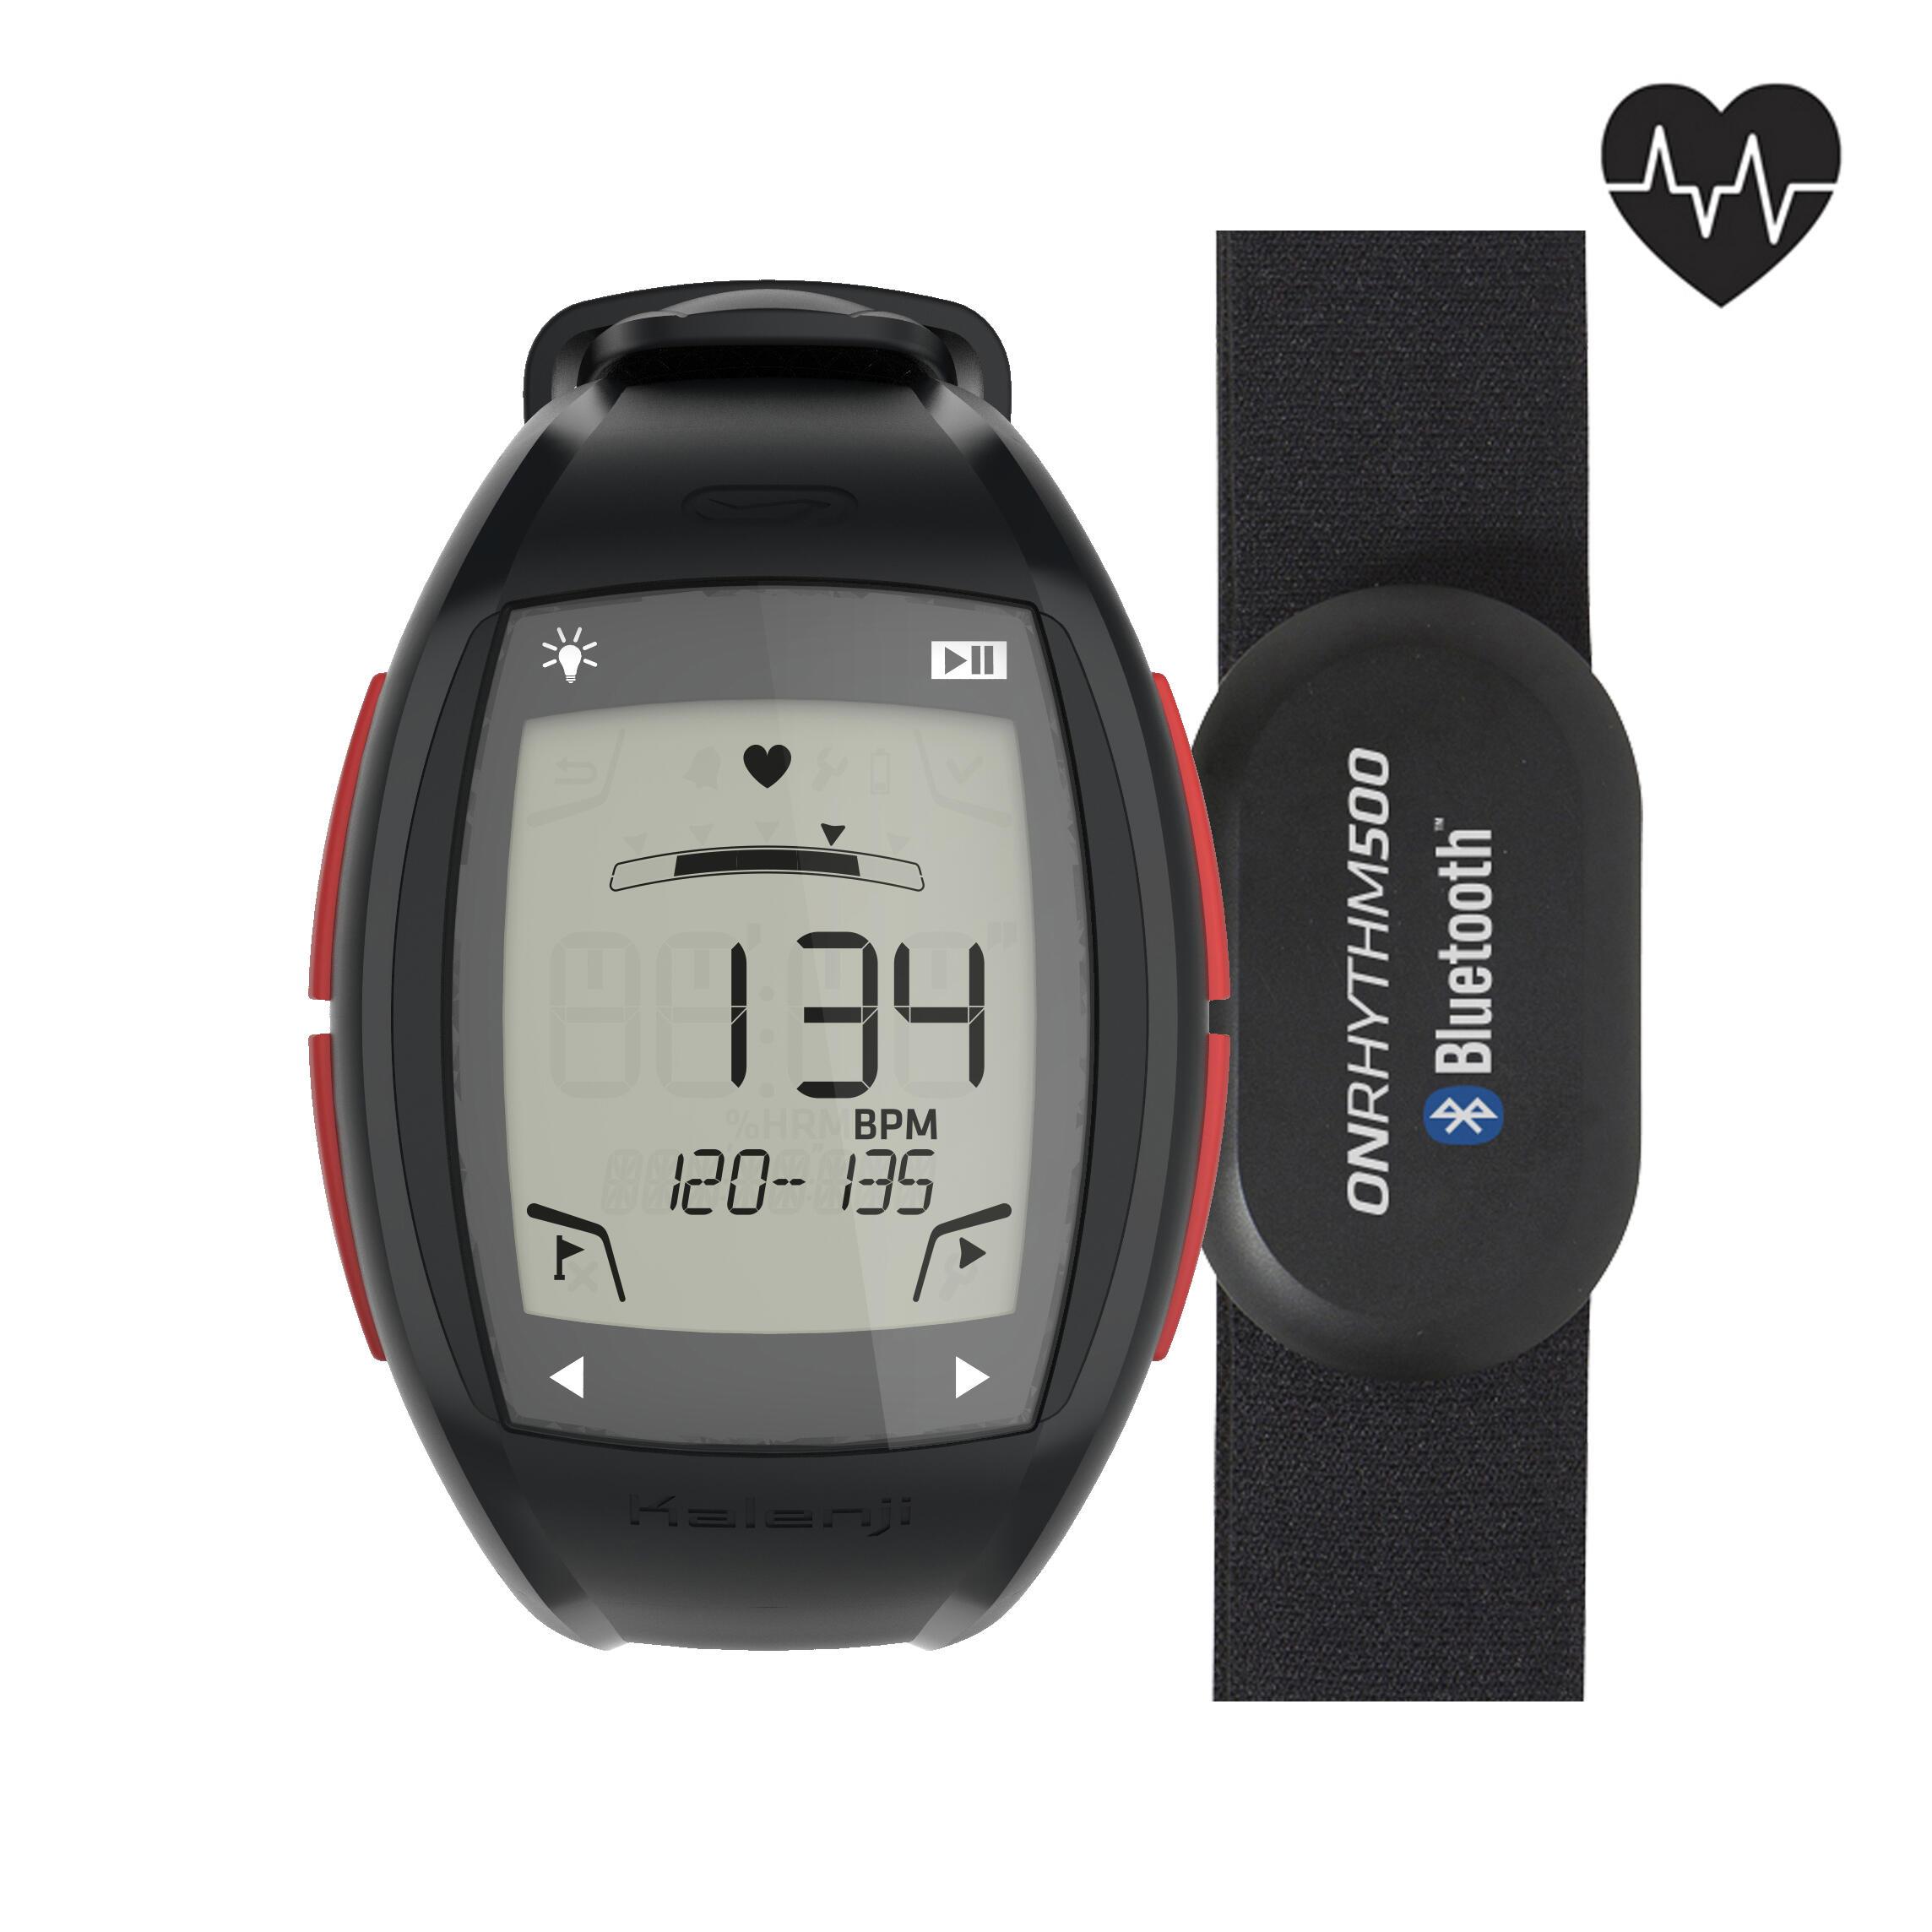 Artikel klicken und genauer betrachten! - Misst deine Herzfrequenz, damit du die Trainingsintensität bei normalem oder Intervalltraining besser steuern kannst. | im Online Shop kaufen